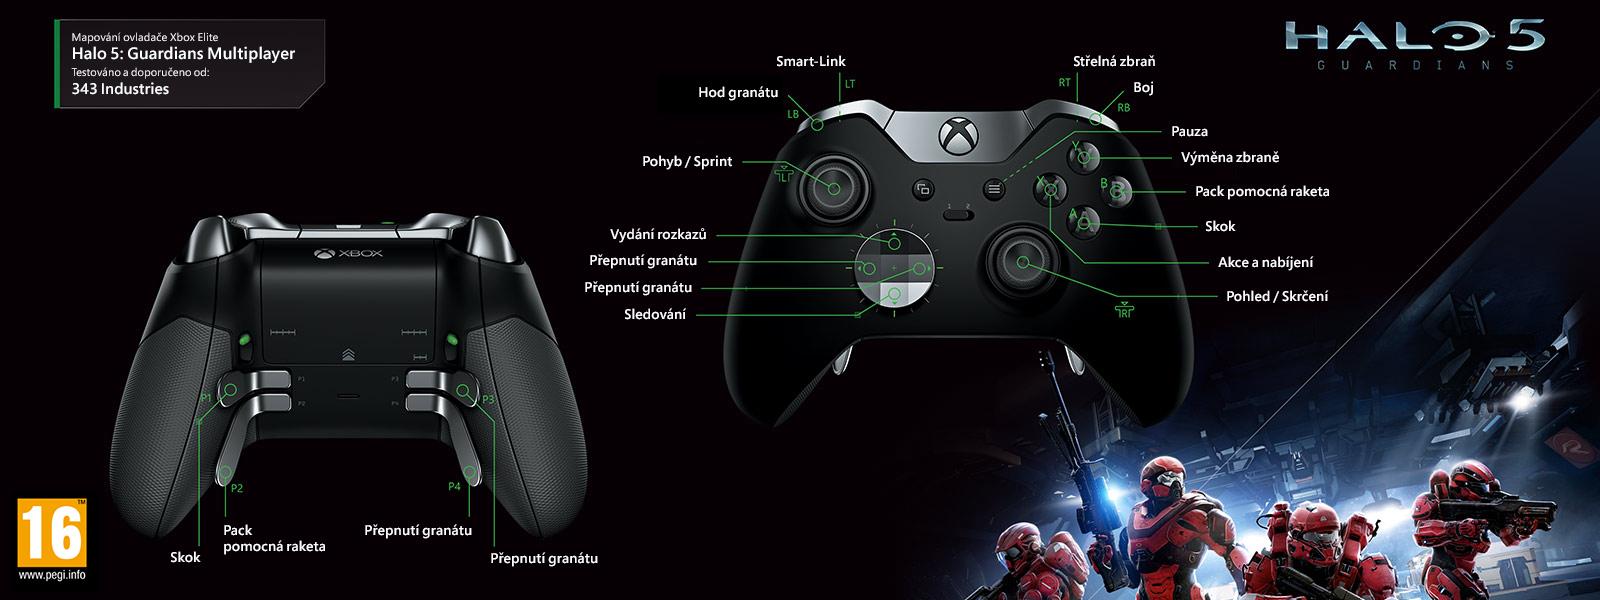 Halo 5: Guardians – elitní mapování pro hraní ve více hráčích